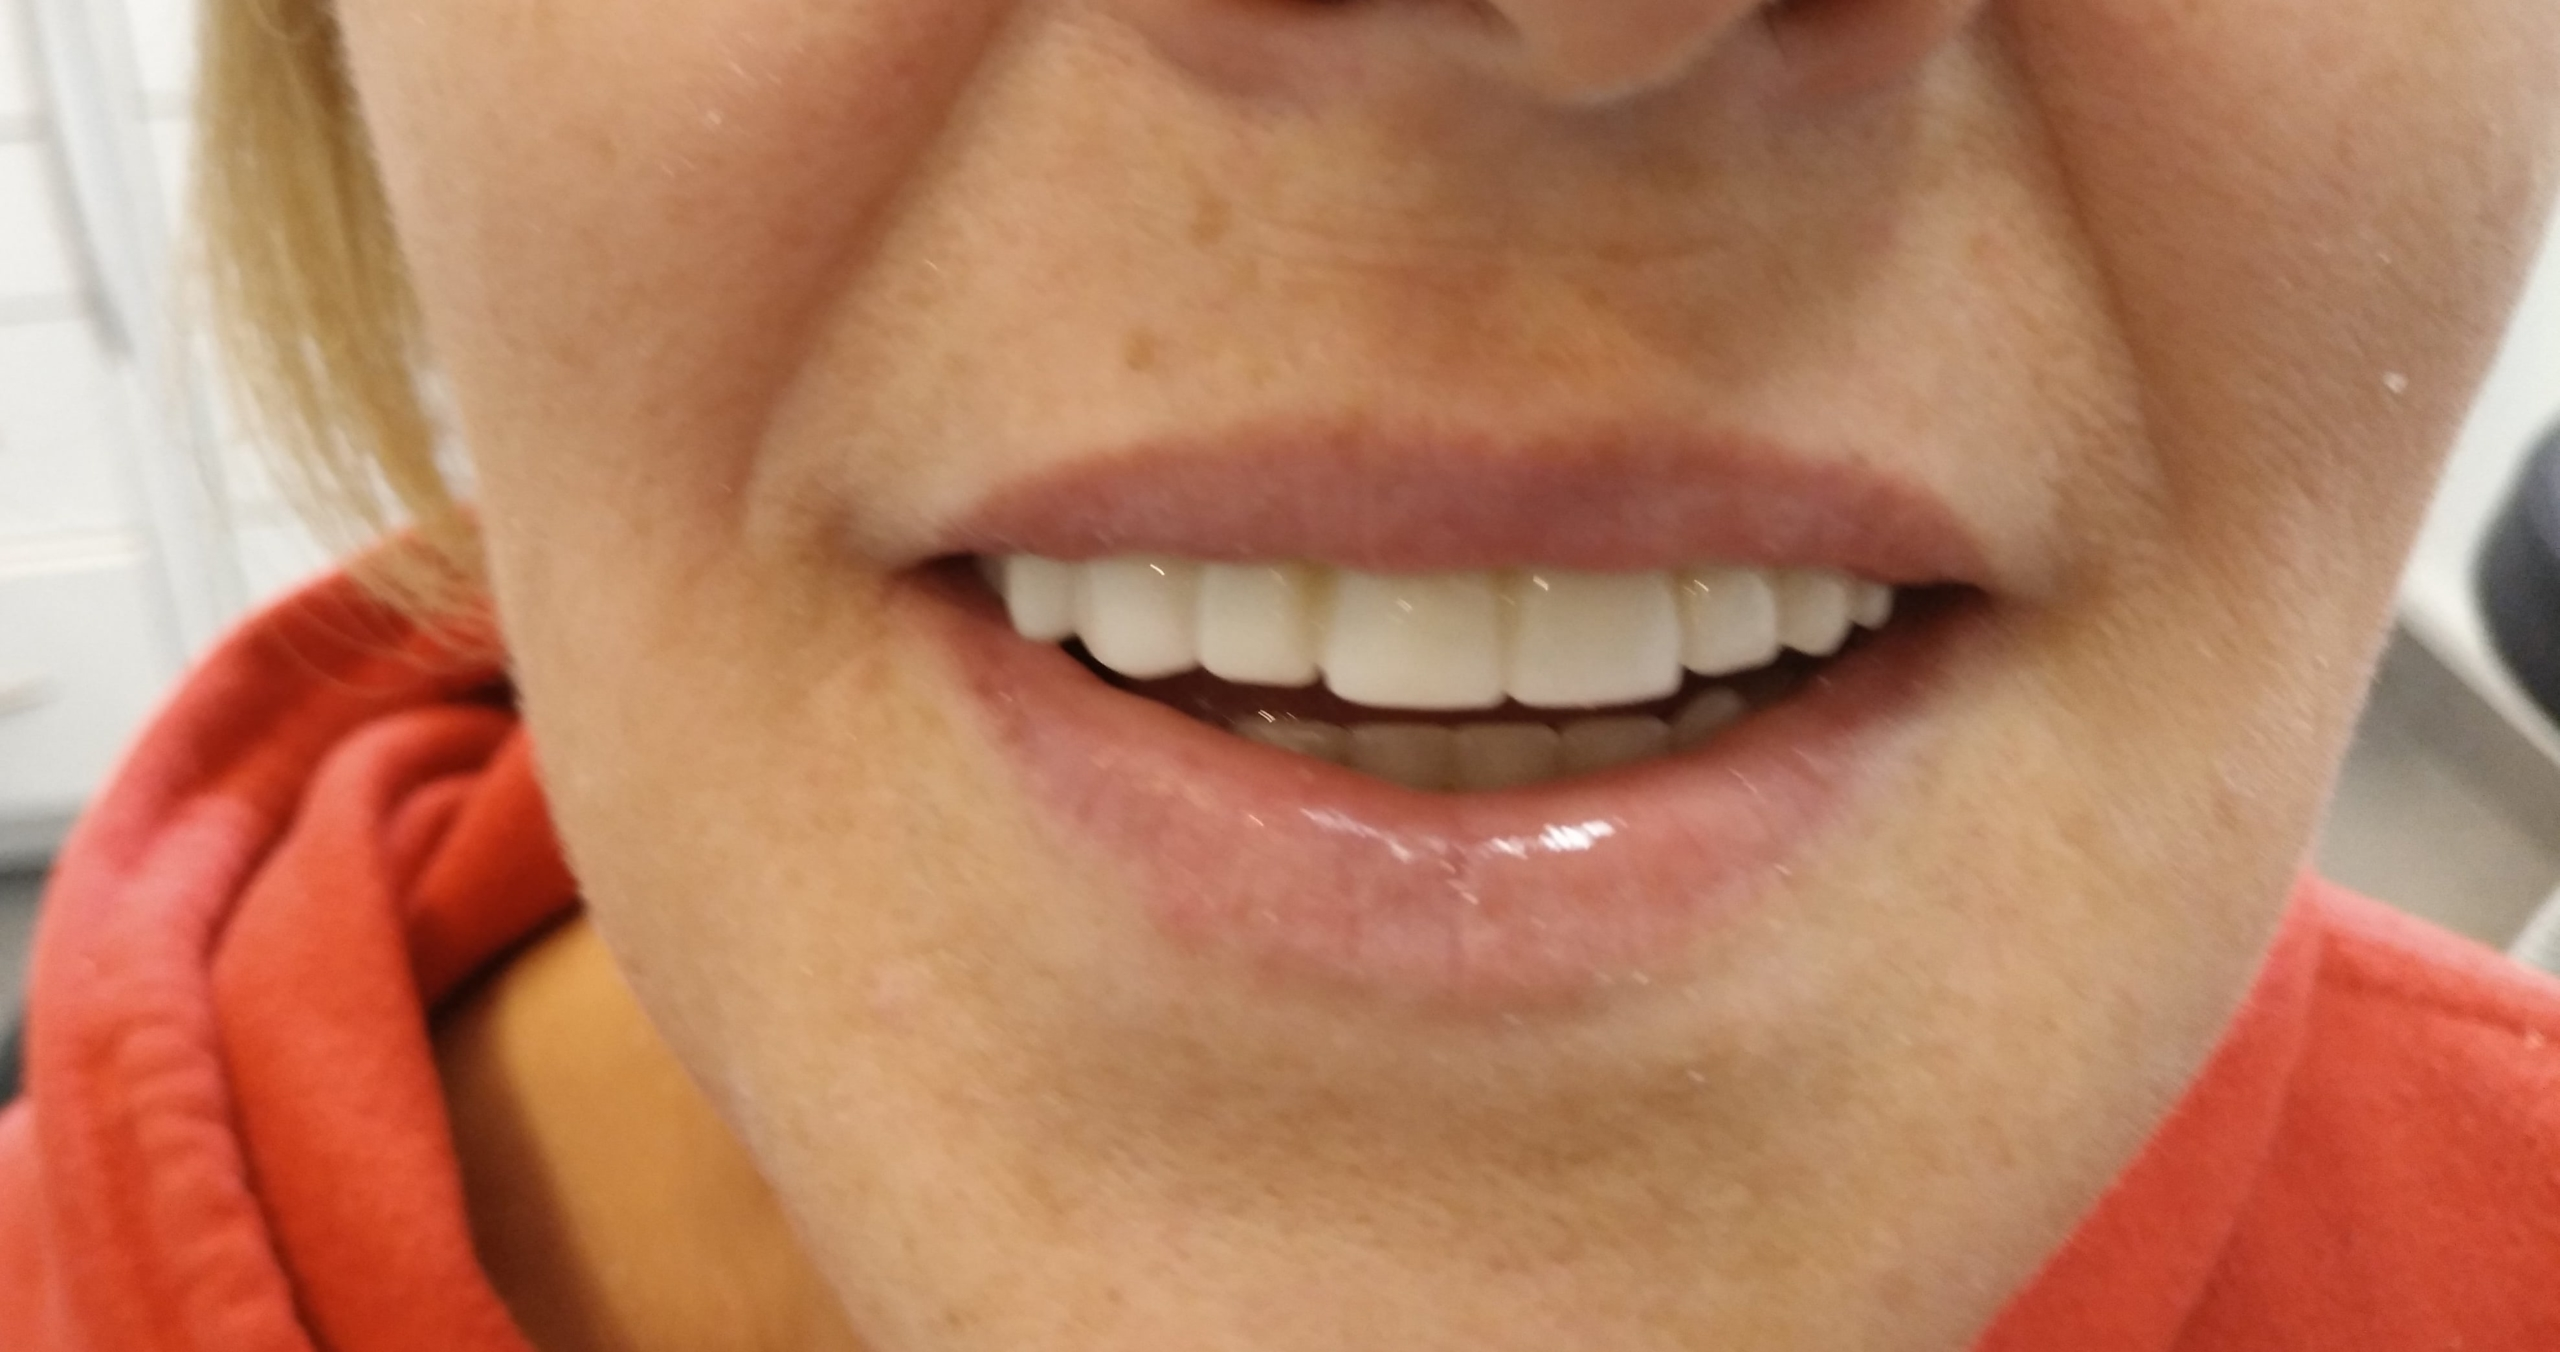 Tratamiento recuperación inferior y superior maxilar completa en clínica dental Arturo Martos en Granada.